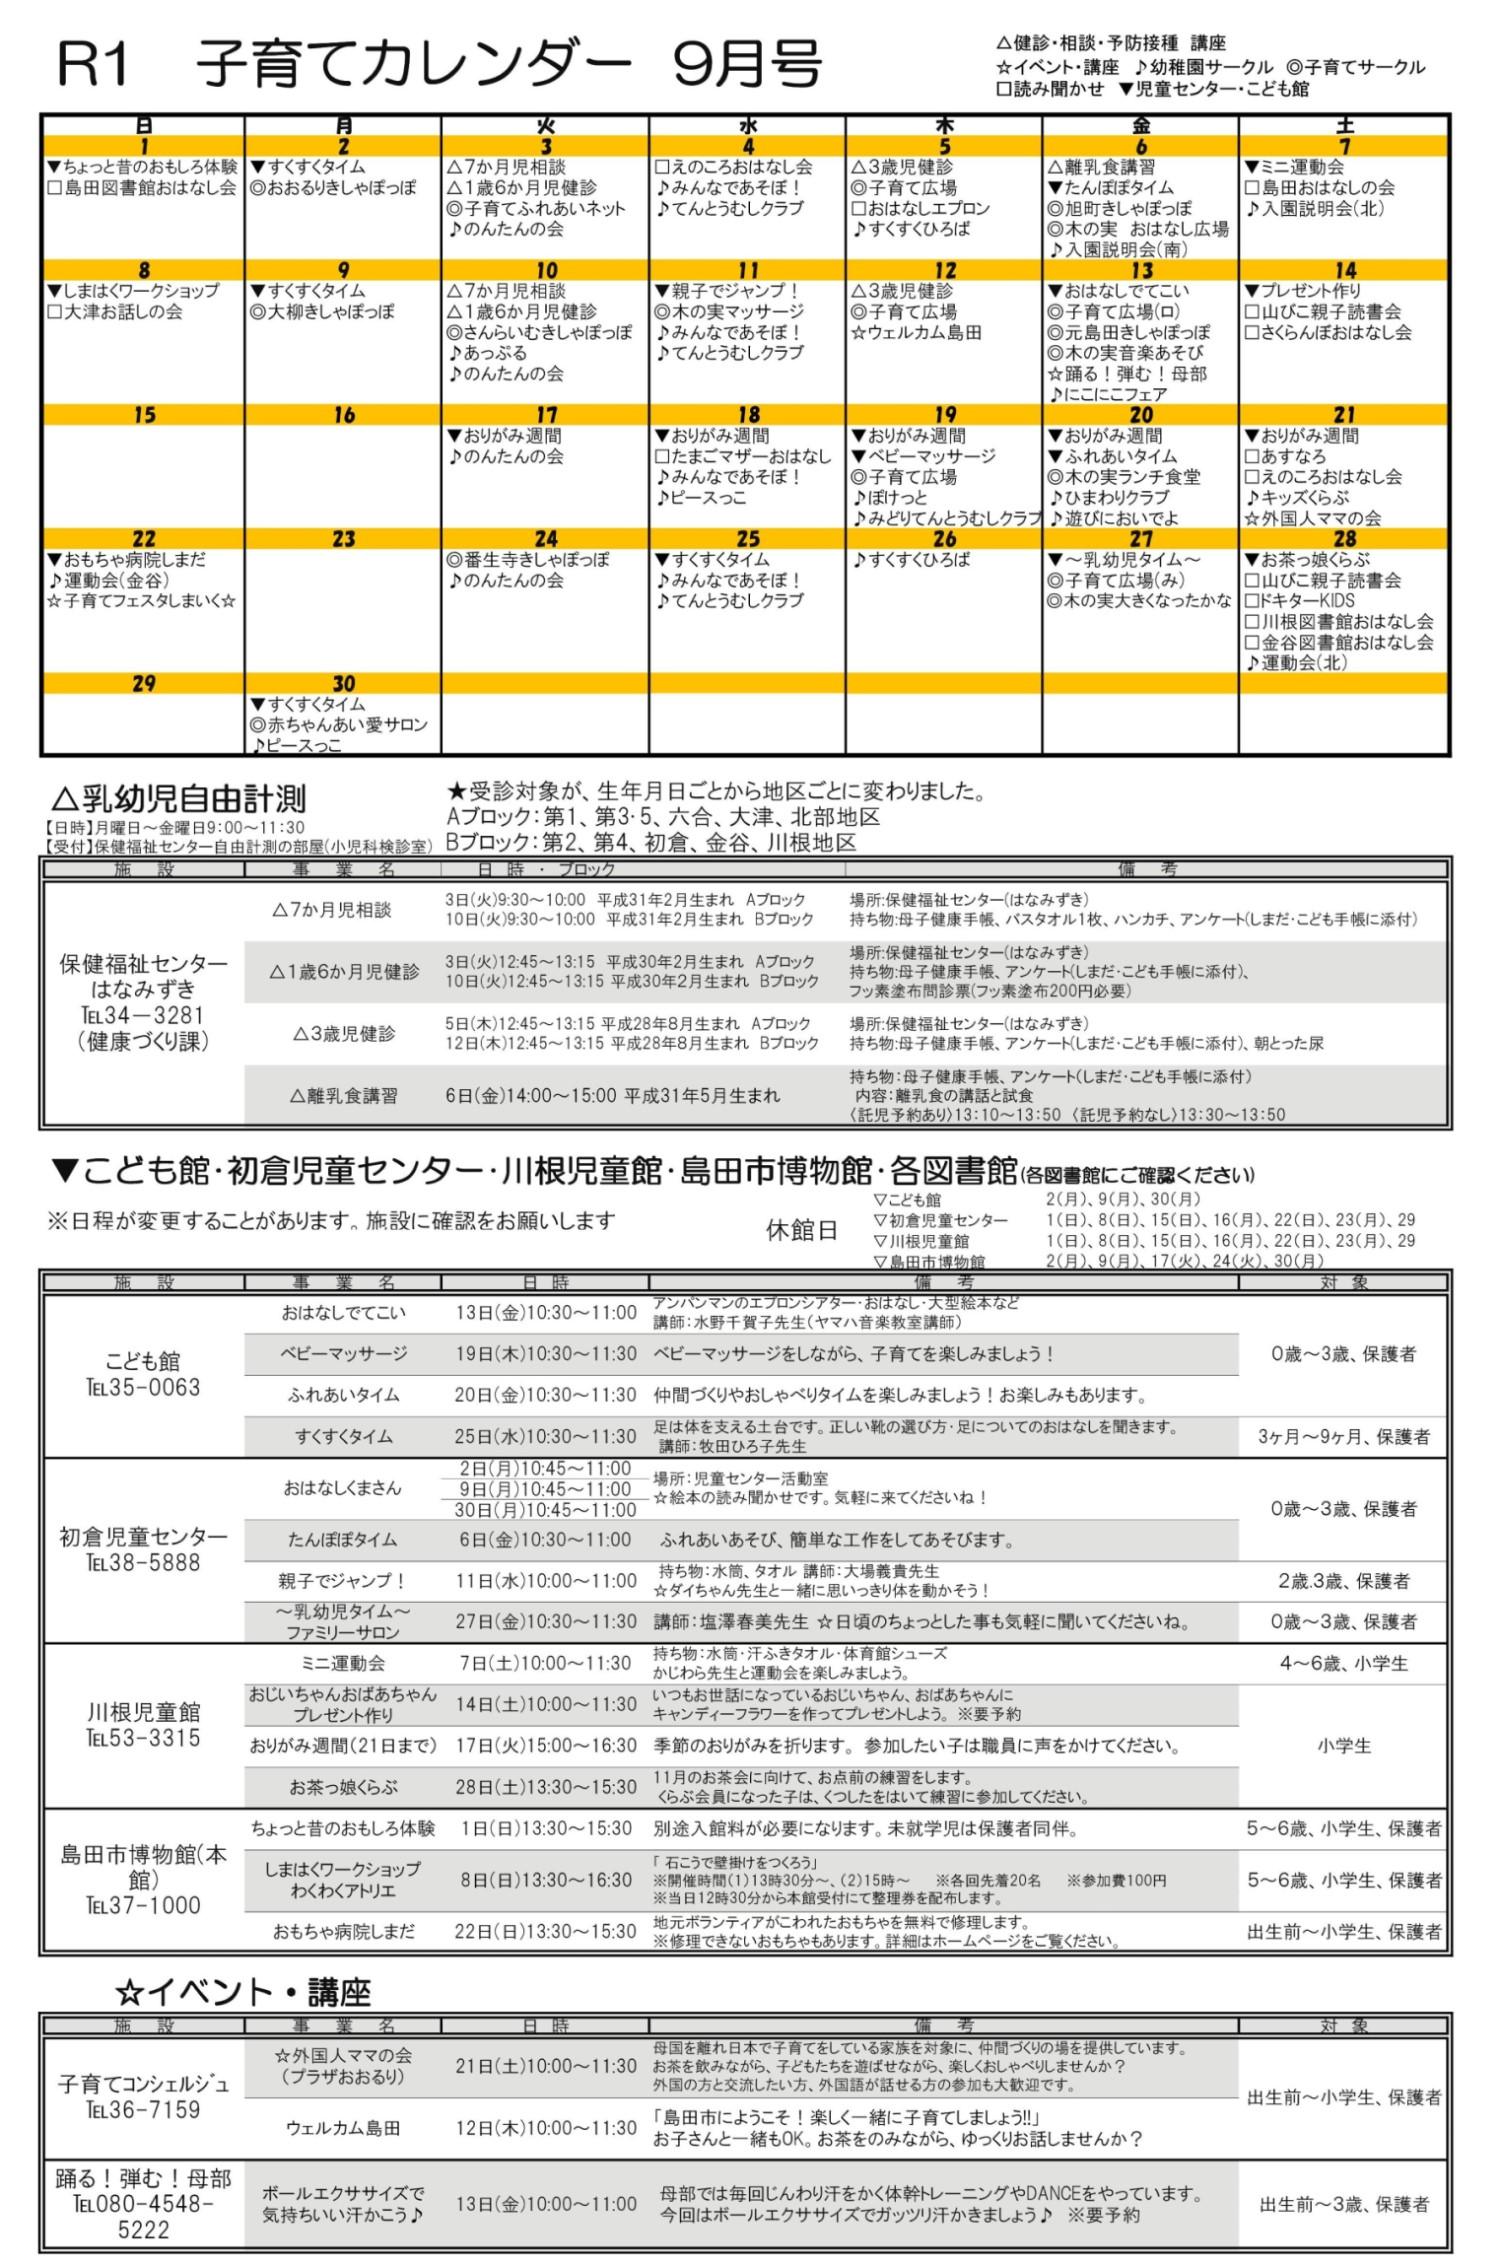 令和元年9月子育てカレンダー-01